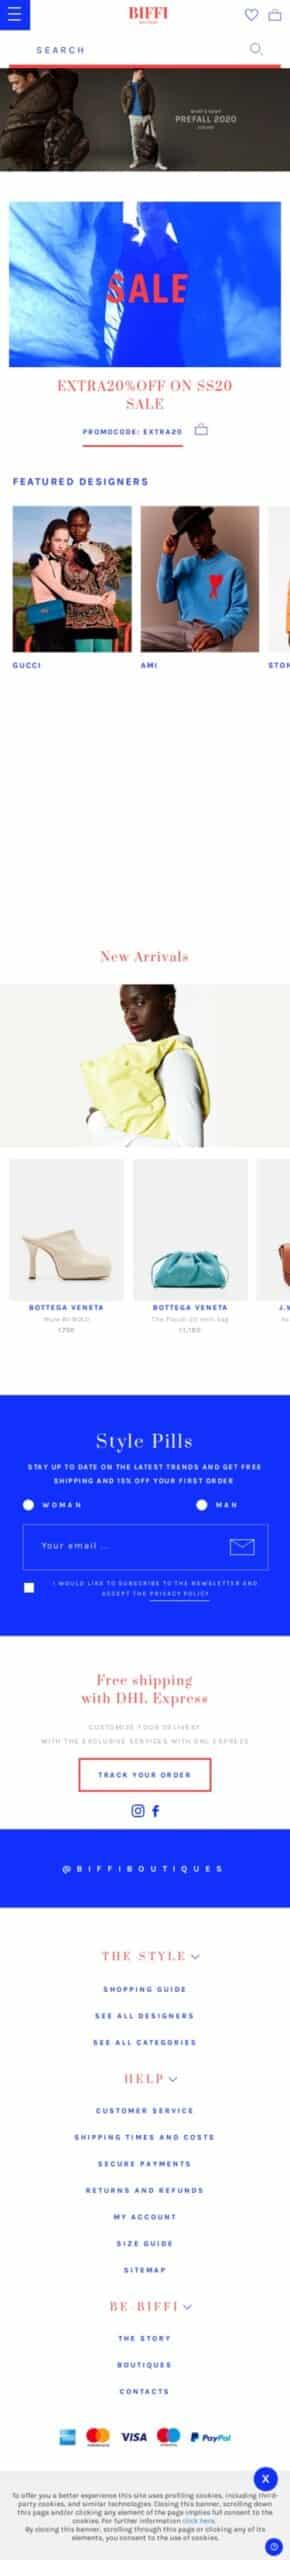 Biffi.com Coupon